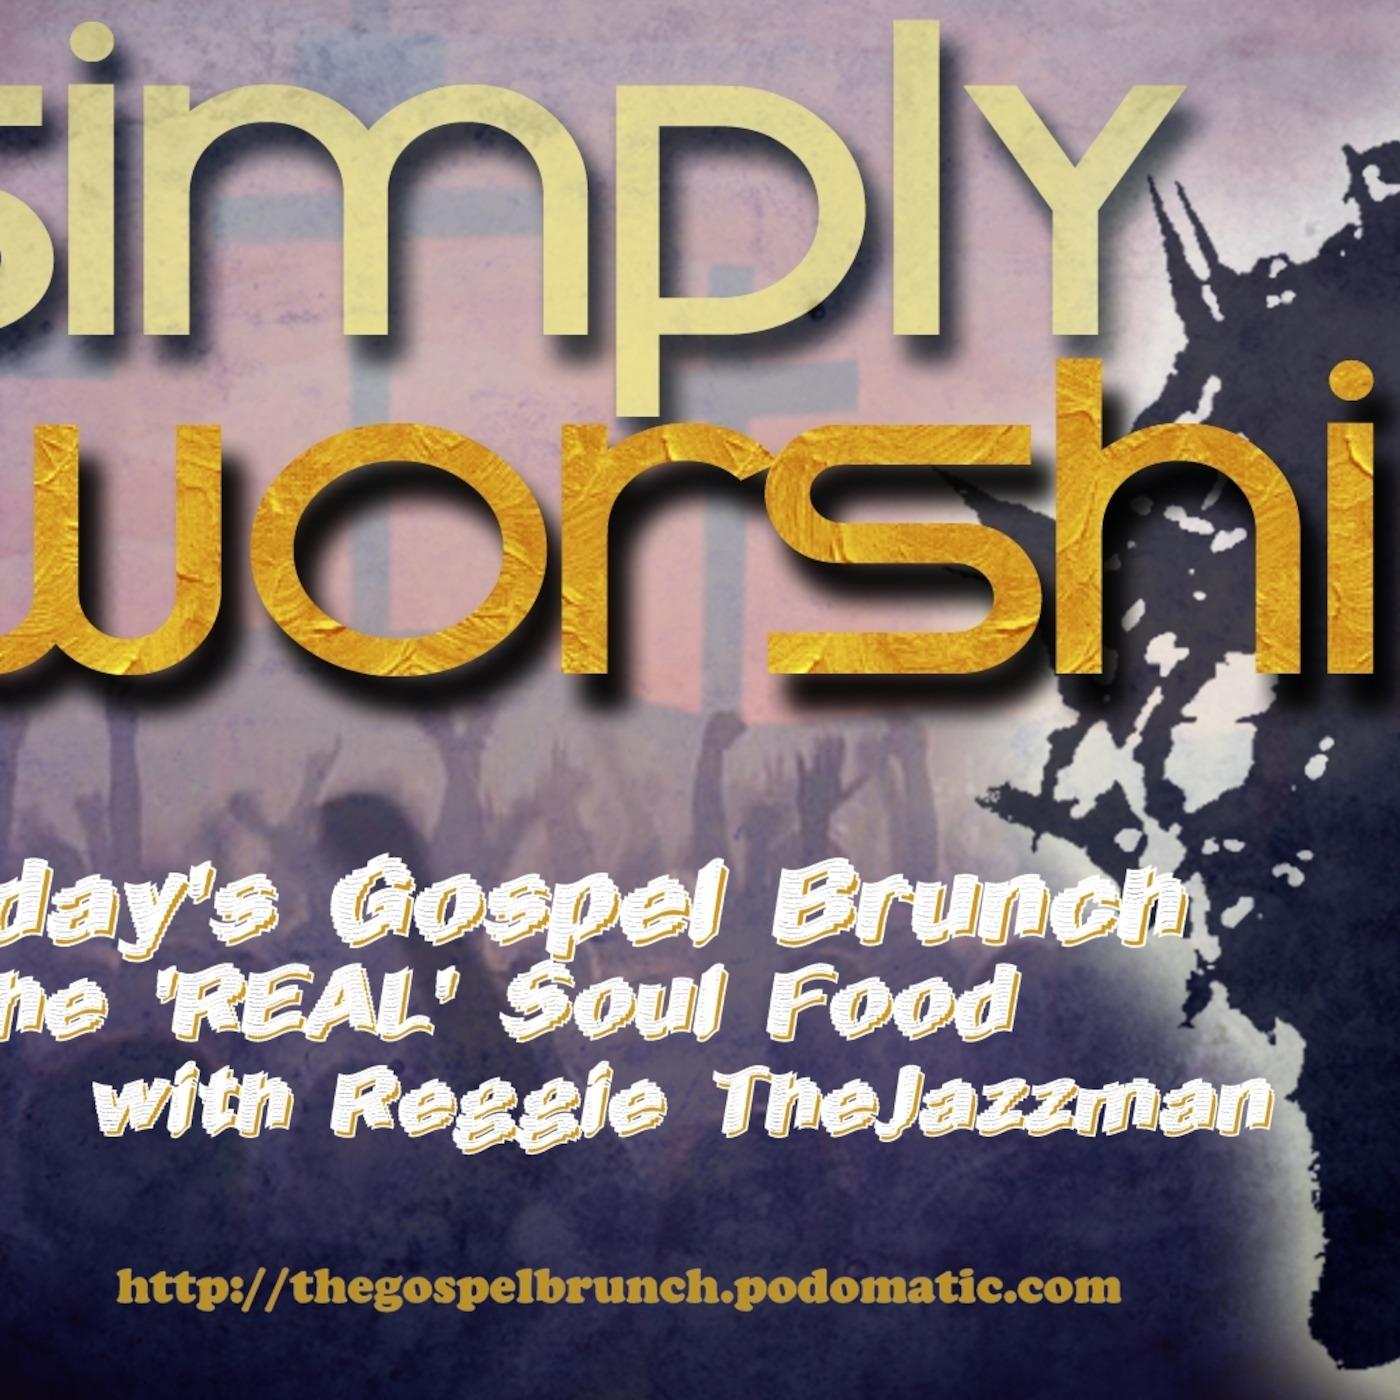 Sunday's Gospel Brunch